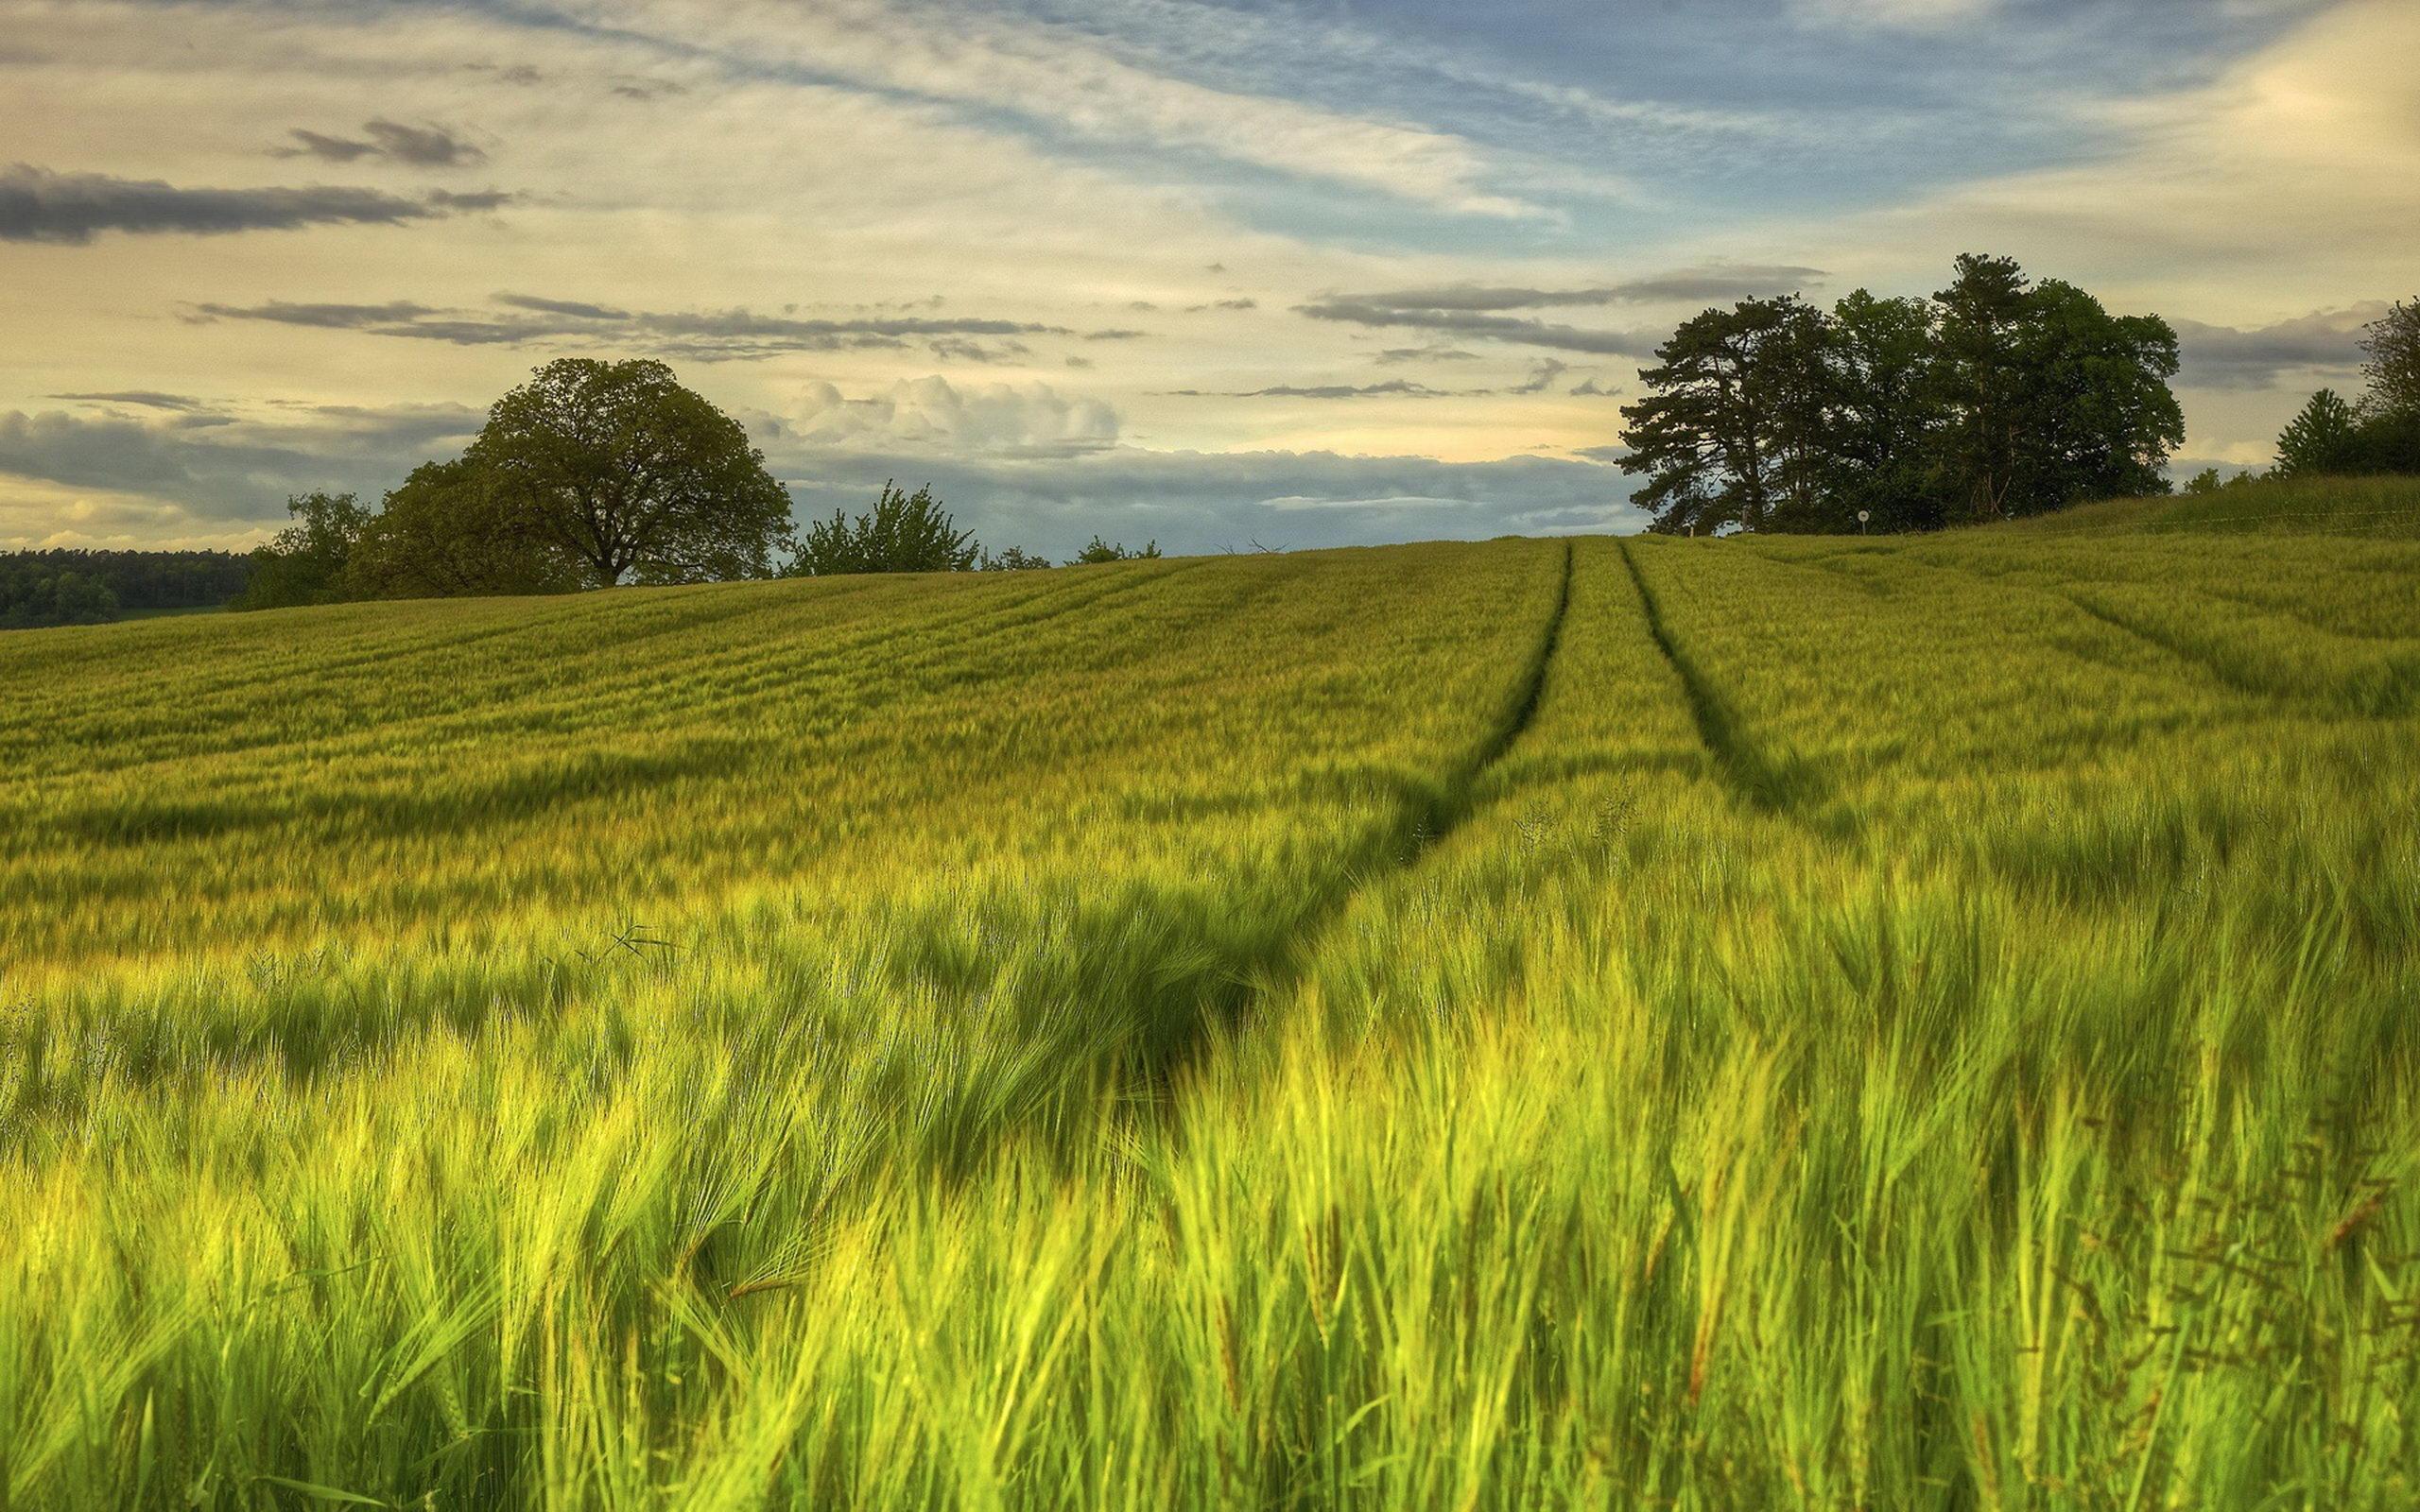 迷人可爱的日落夕阳田野风景   宽屏绿色田野风景桌面